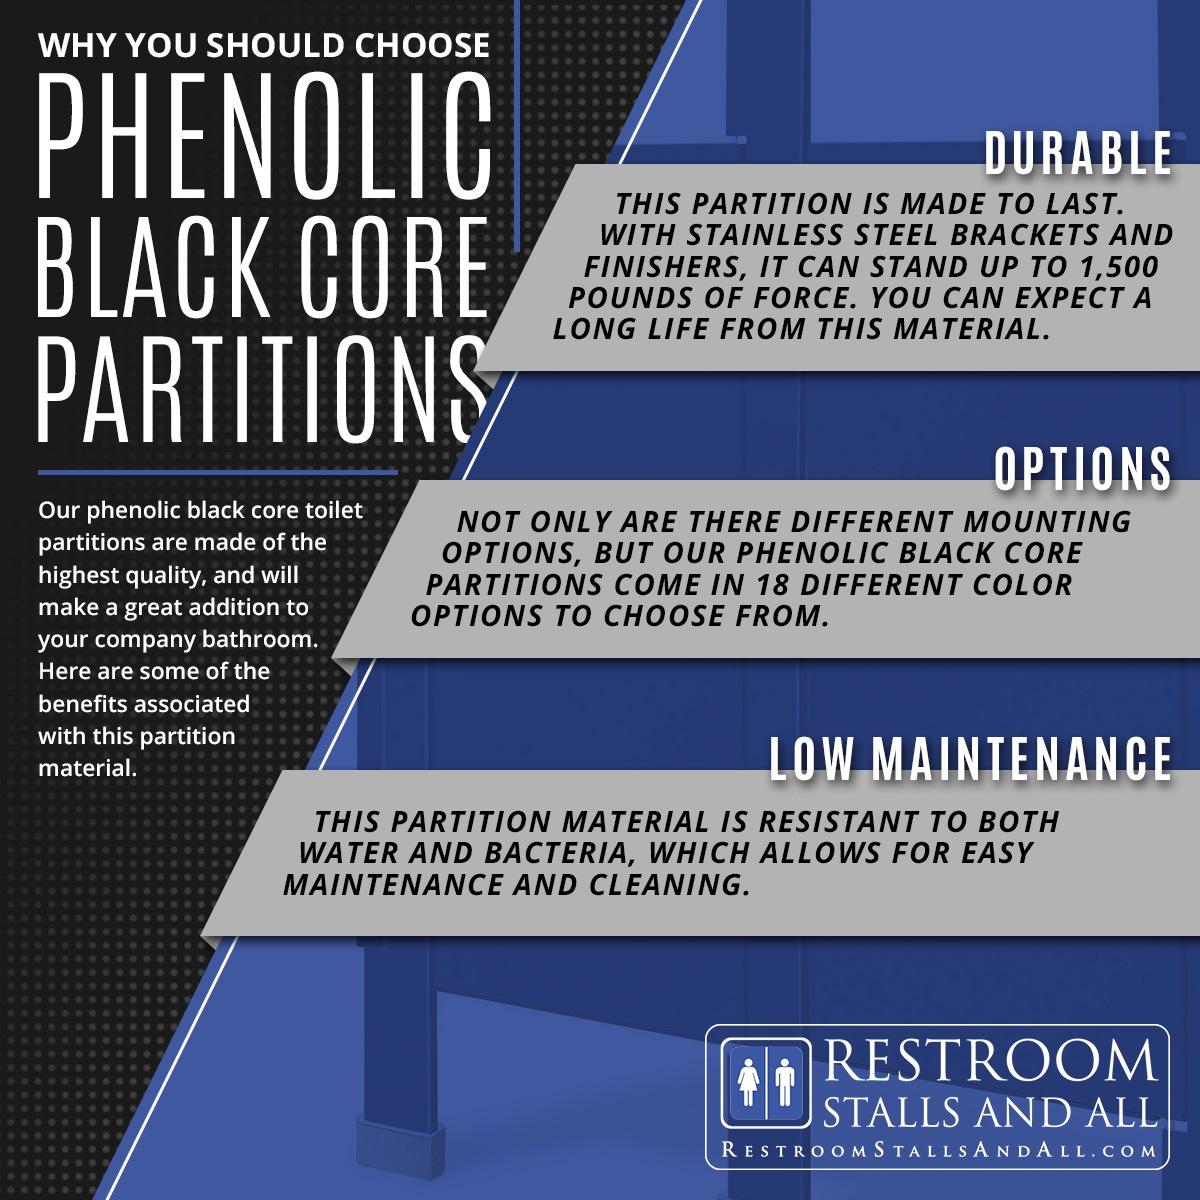 phenolicblackcore.jpg